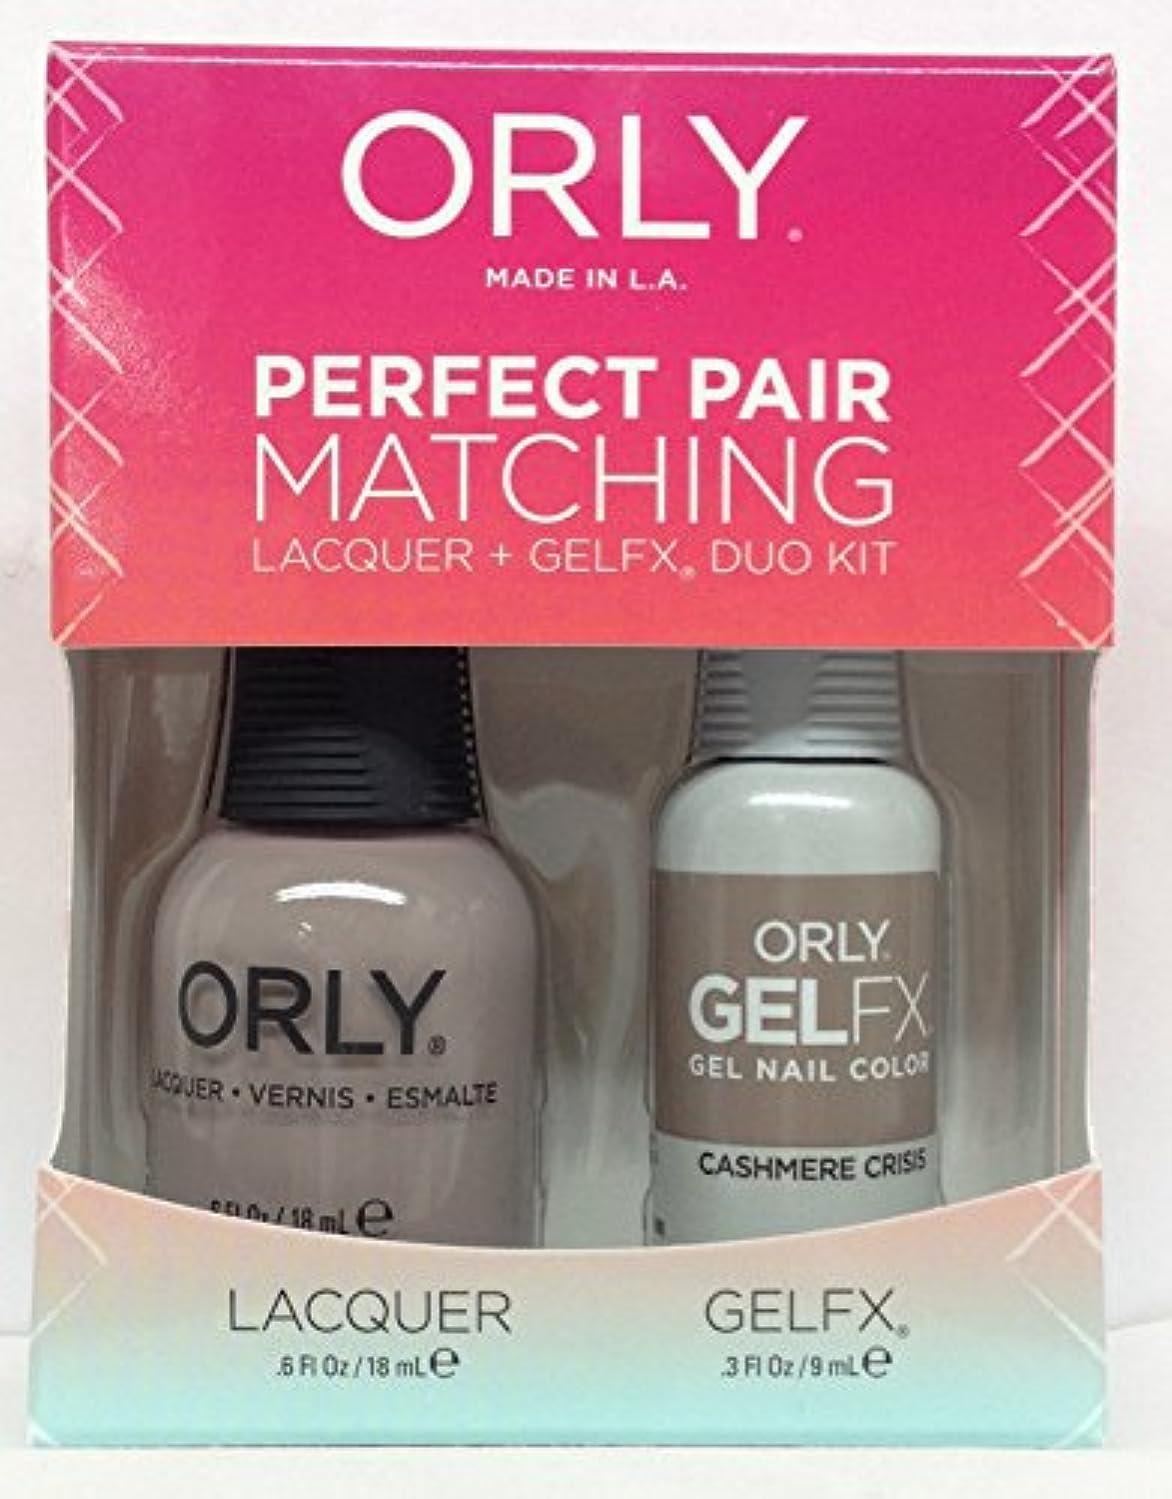 カウントアップ引き出し天国Orly - Perfect Pair Matching Lacquer + GelFX Kit - Cashmere Crisis - 0.6 oz / 0.3 oz